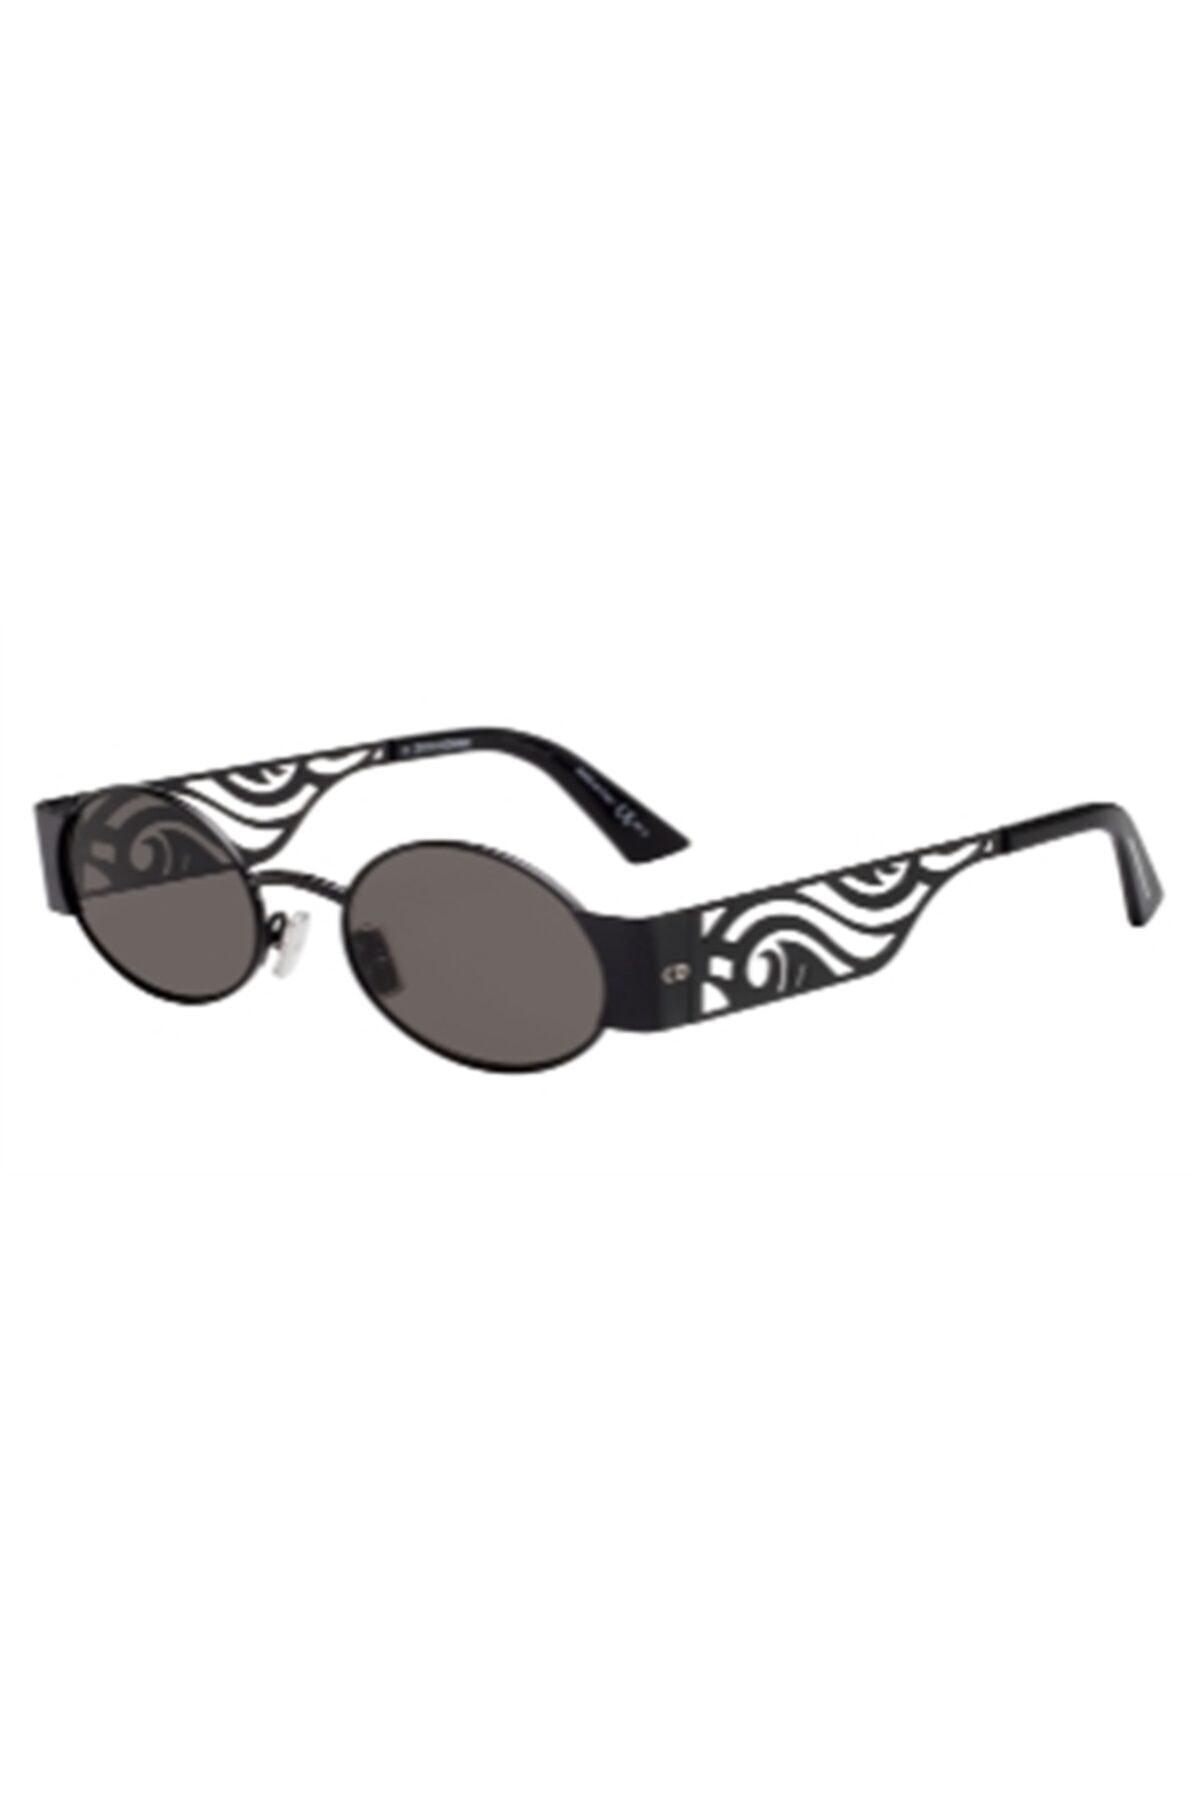 خرید انلاین عینک آفتابی زنانه طرح دار برند Christian Dior رنگ مشکی کد ty54619936